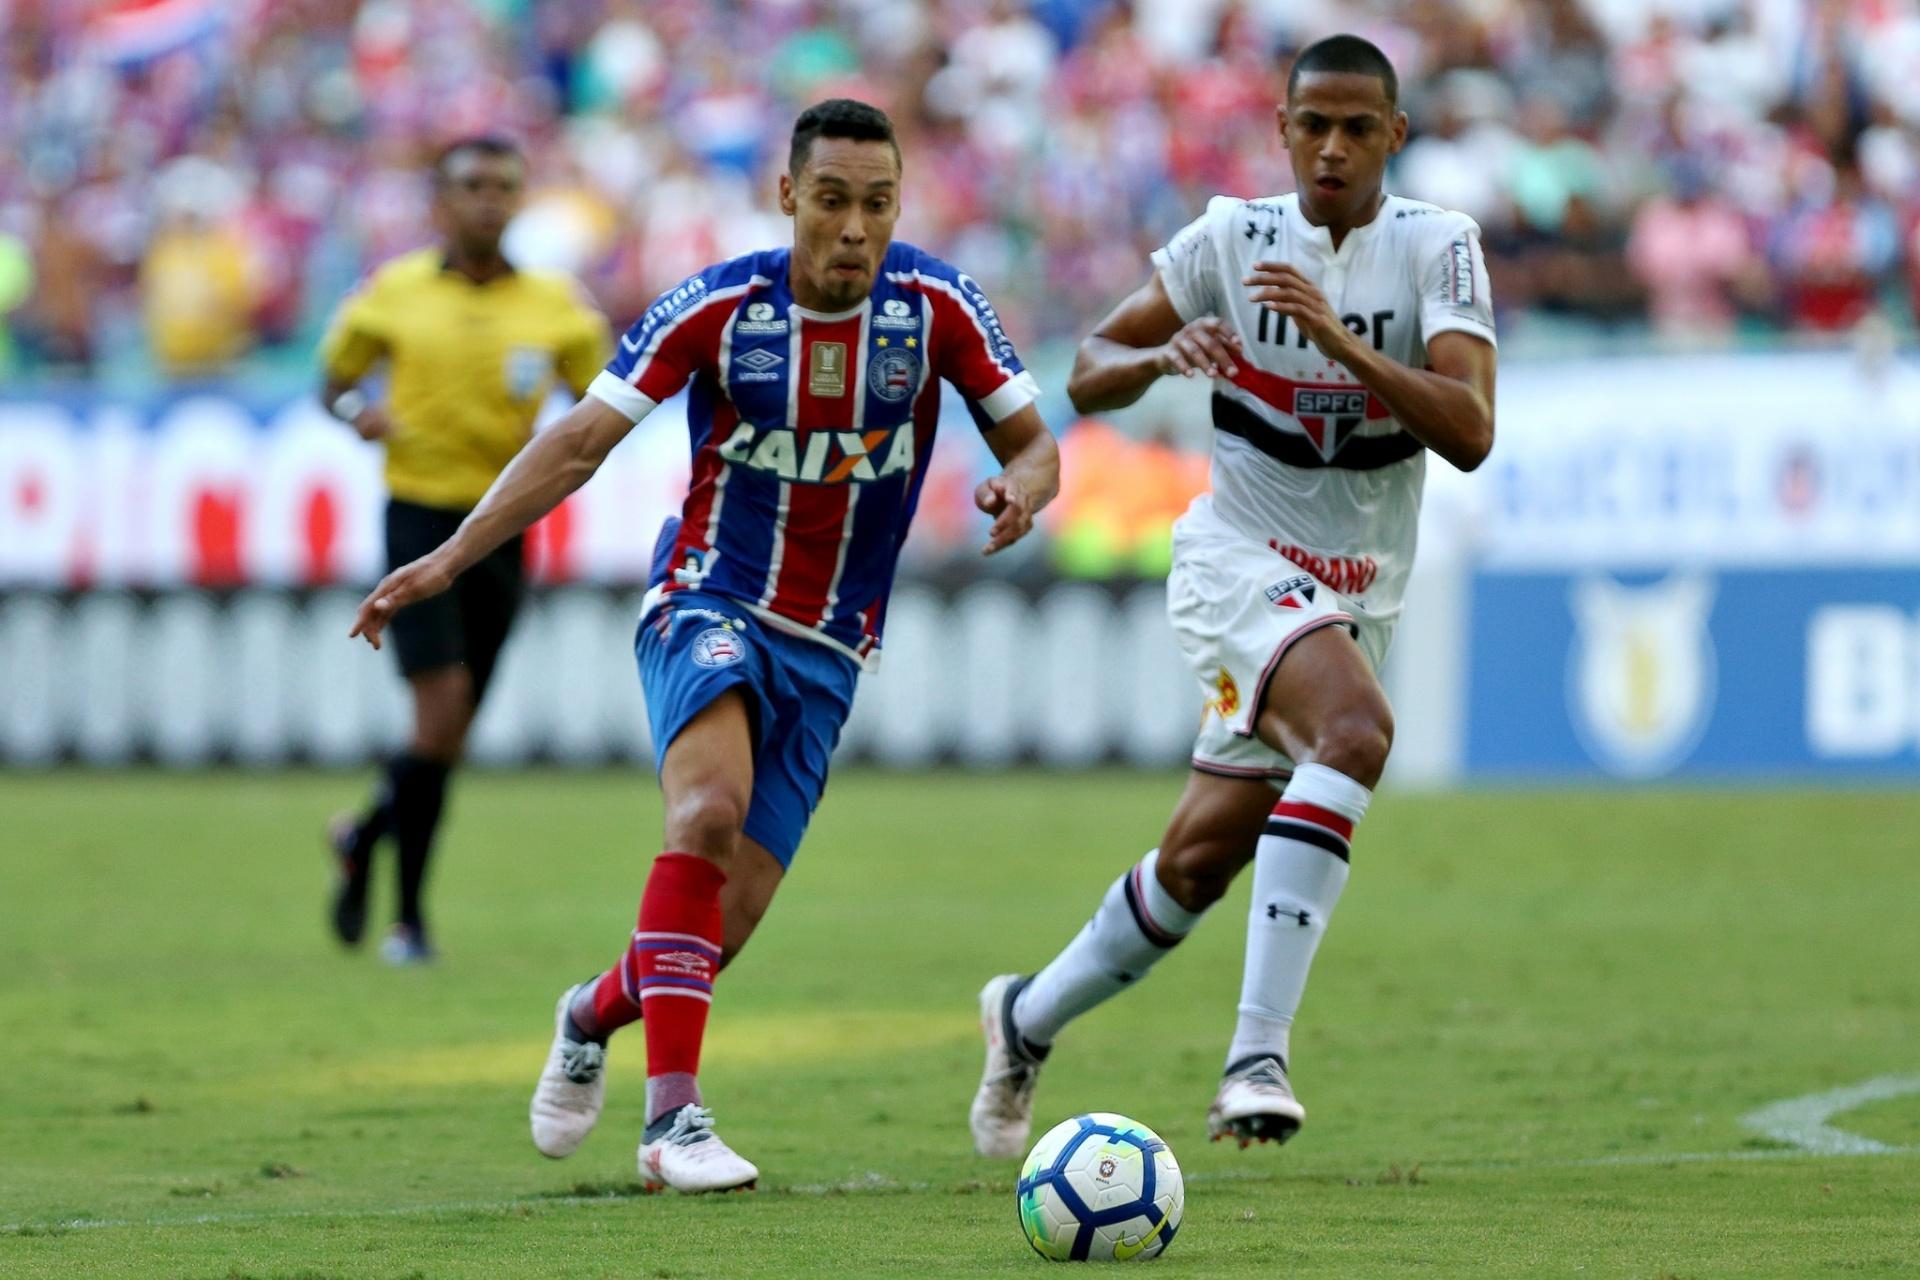 São Paulo faz golaço nos acréscimos e arranca empate contra Bahia -  13 05 2018 - UOL Esporte e29f90bb6a12a